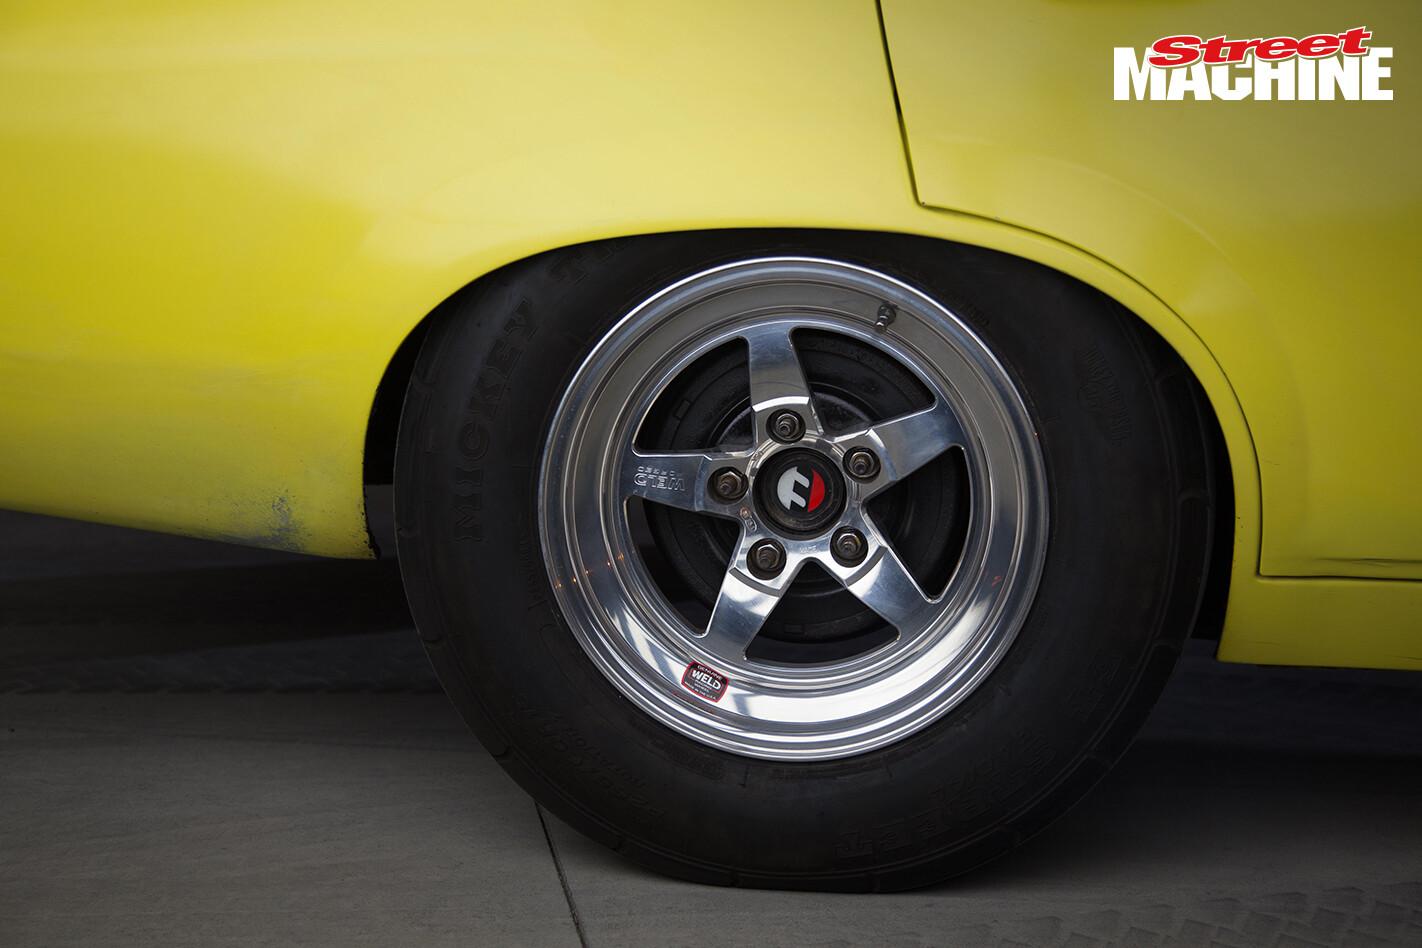 LX Torana 308 Turbo 11 Nw